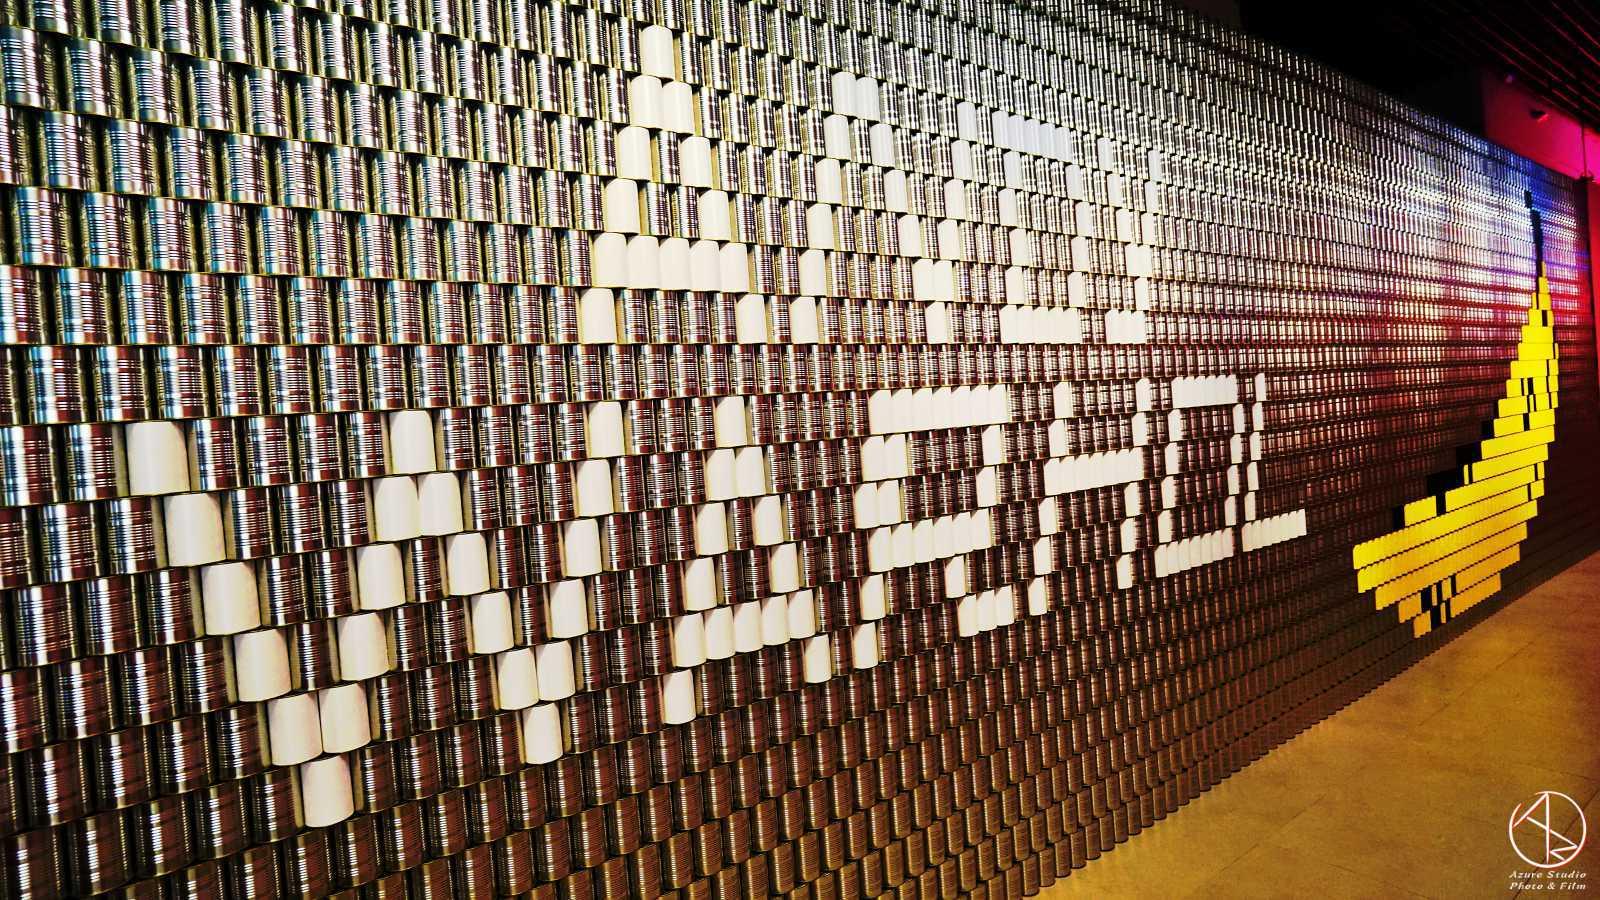 安迪沃荷普普狂想特展,必看重點,經典罐頭牆、香蕉